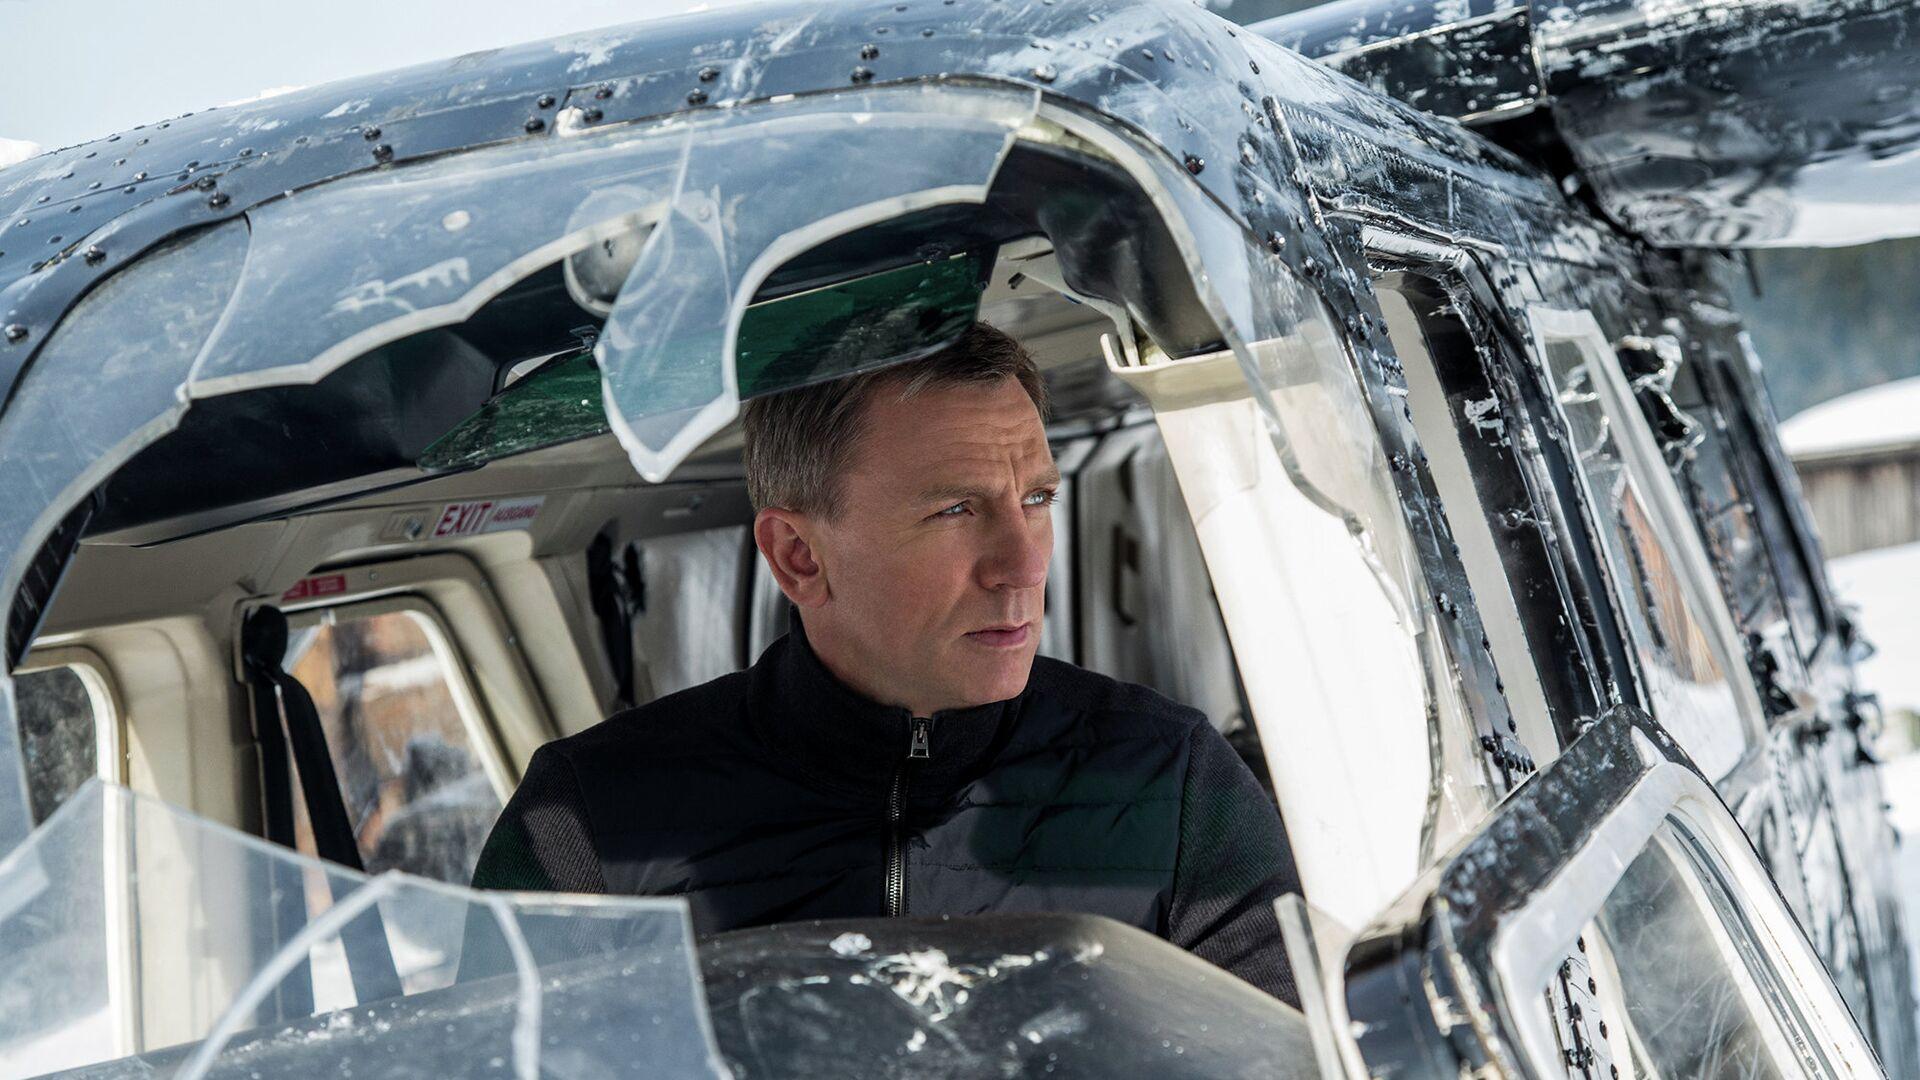 Кадр из фильма 007: Спектр - РИА Новости, 1920, 21.09.2021